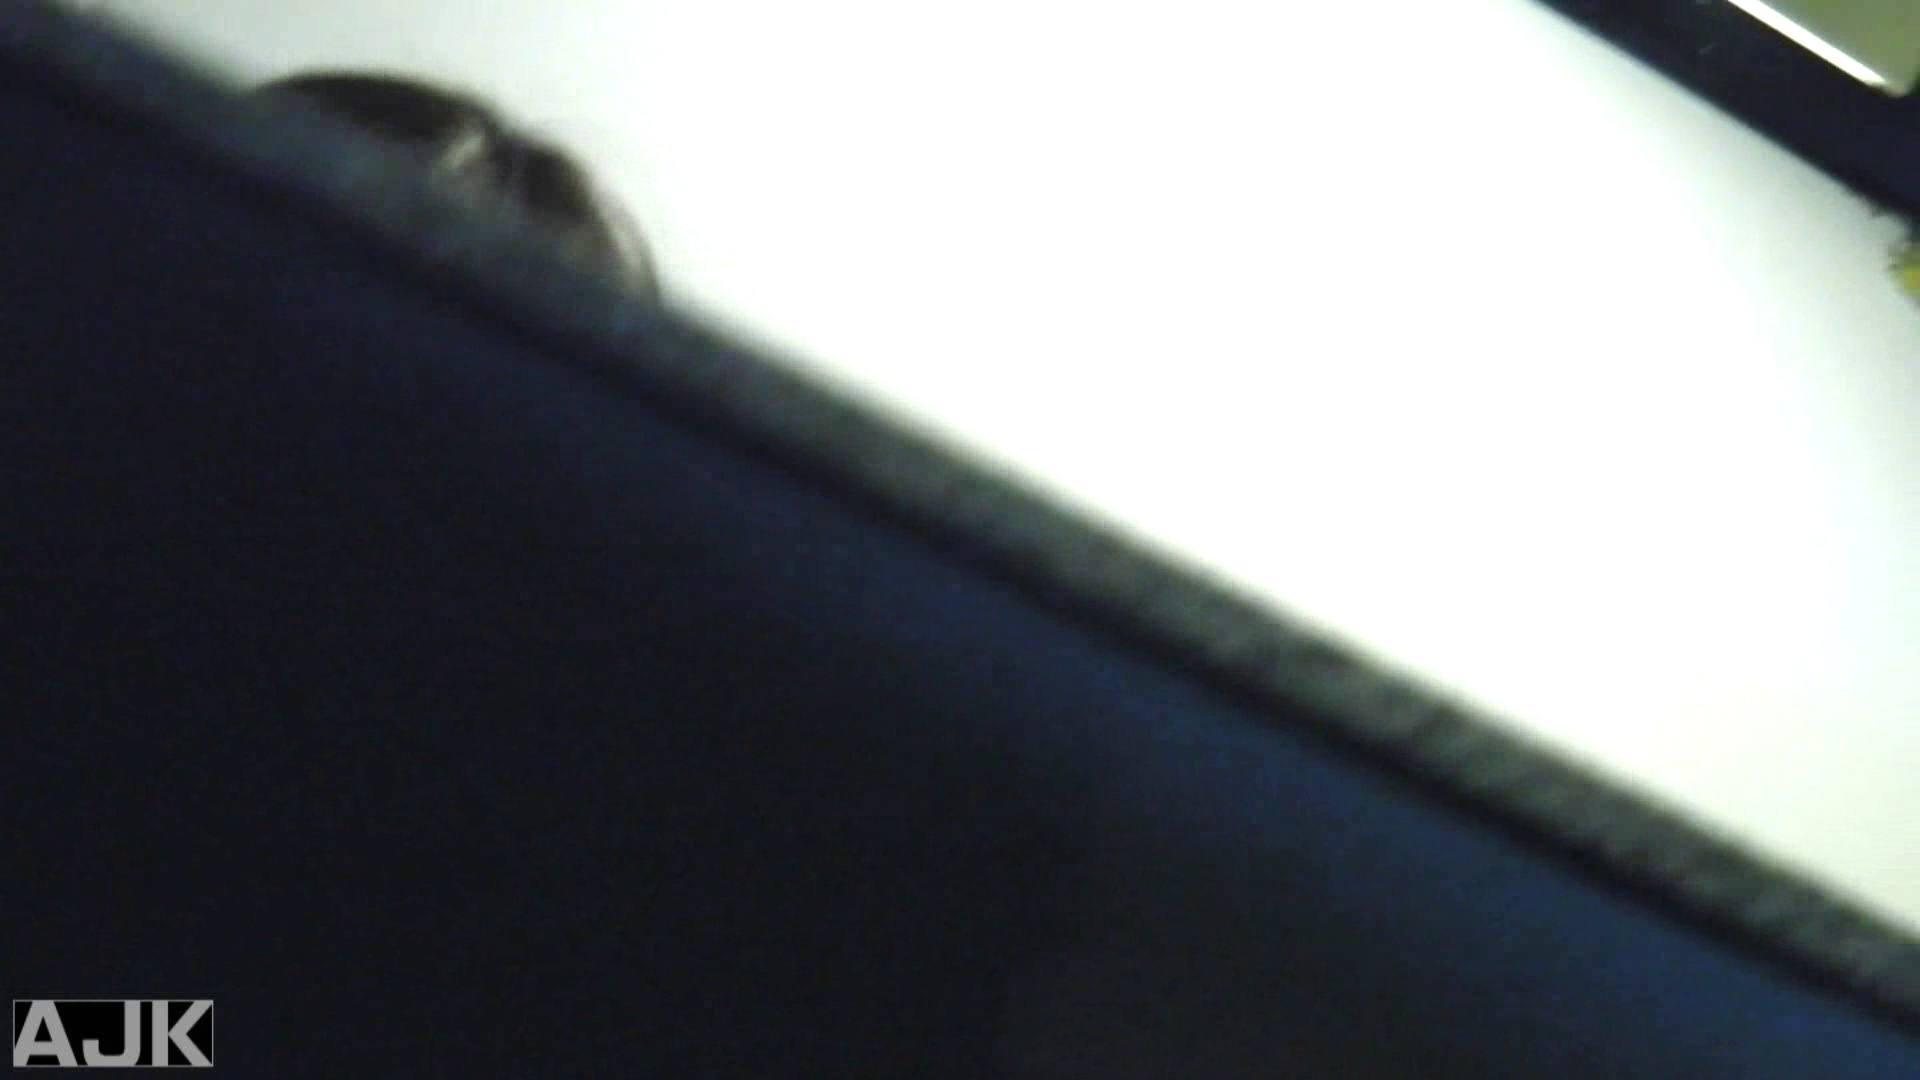 神降臨!史上最強の潜入かわや! vol.23 OLエロ画像 盗撮おめこ無修正動画無料 78PICs 23